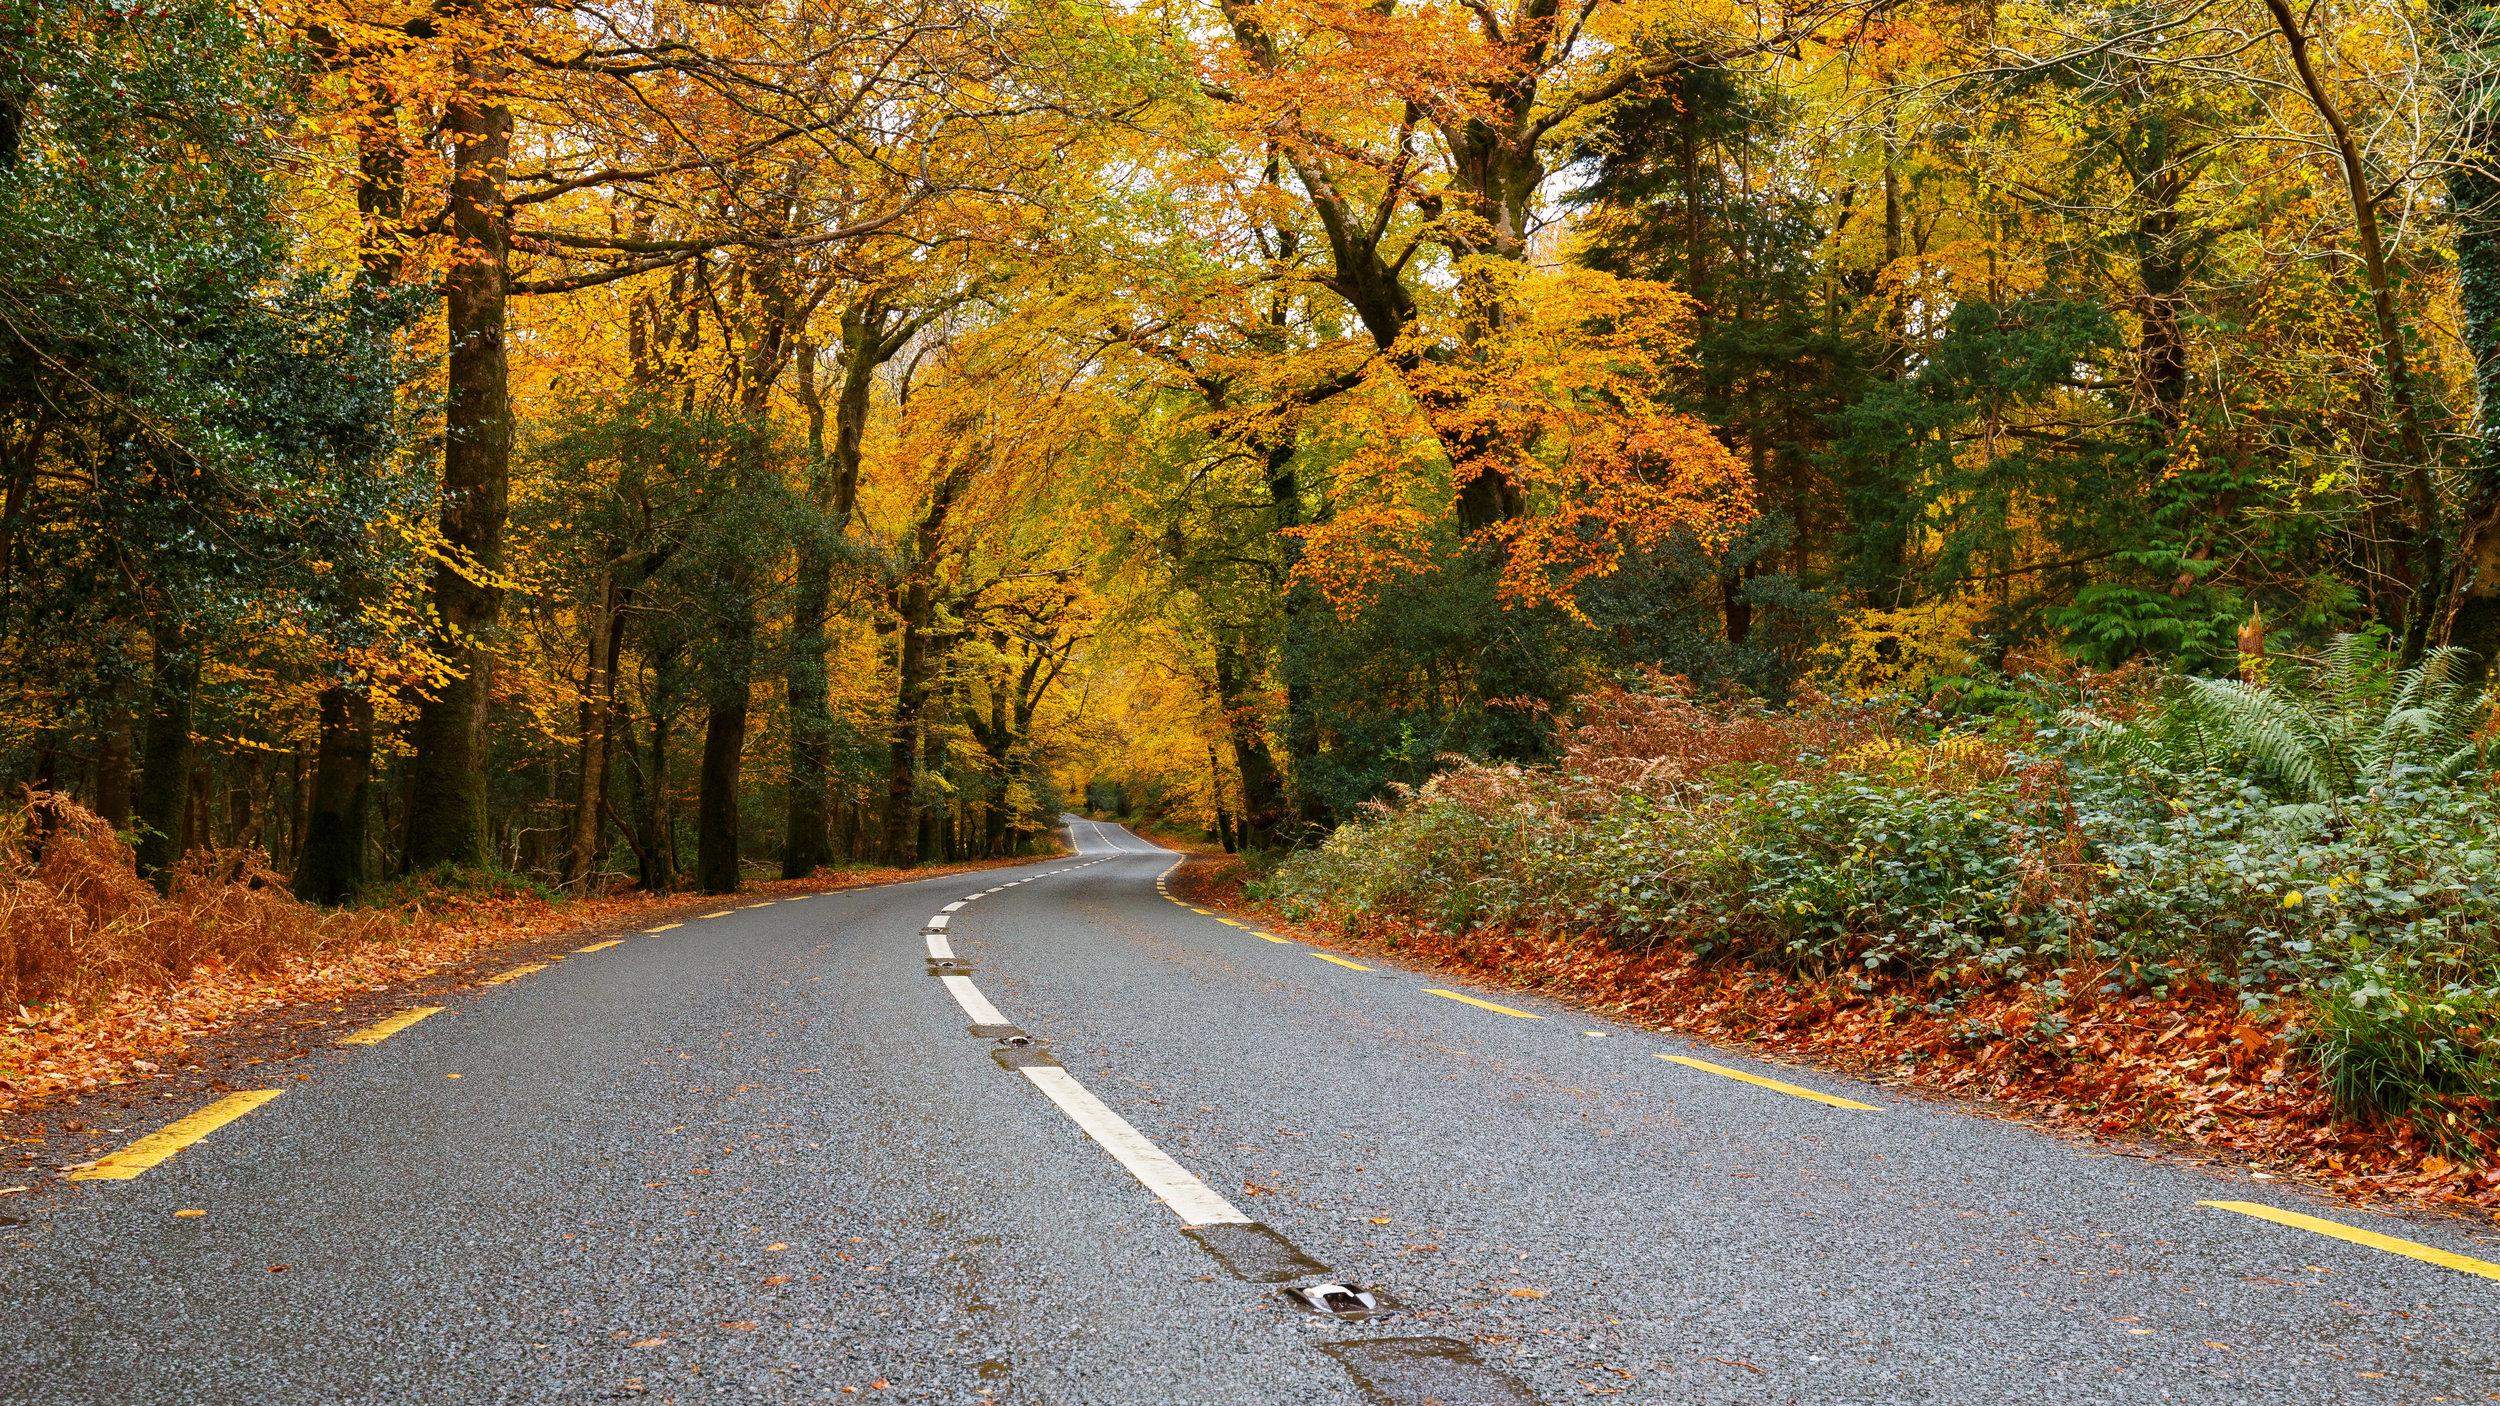 Heading Through Autumn